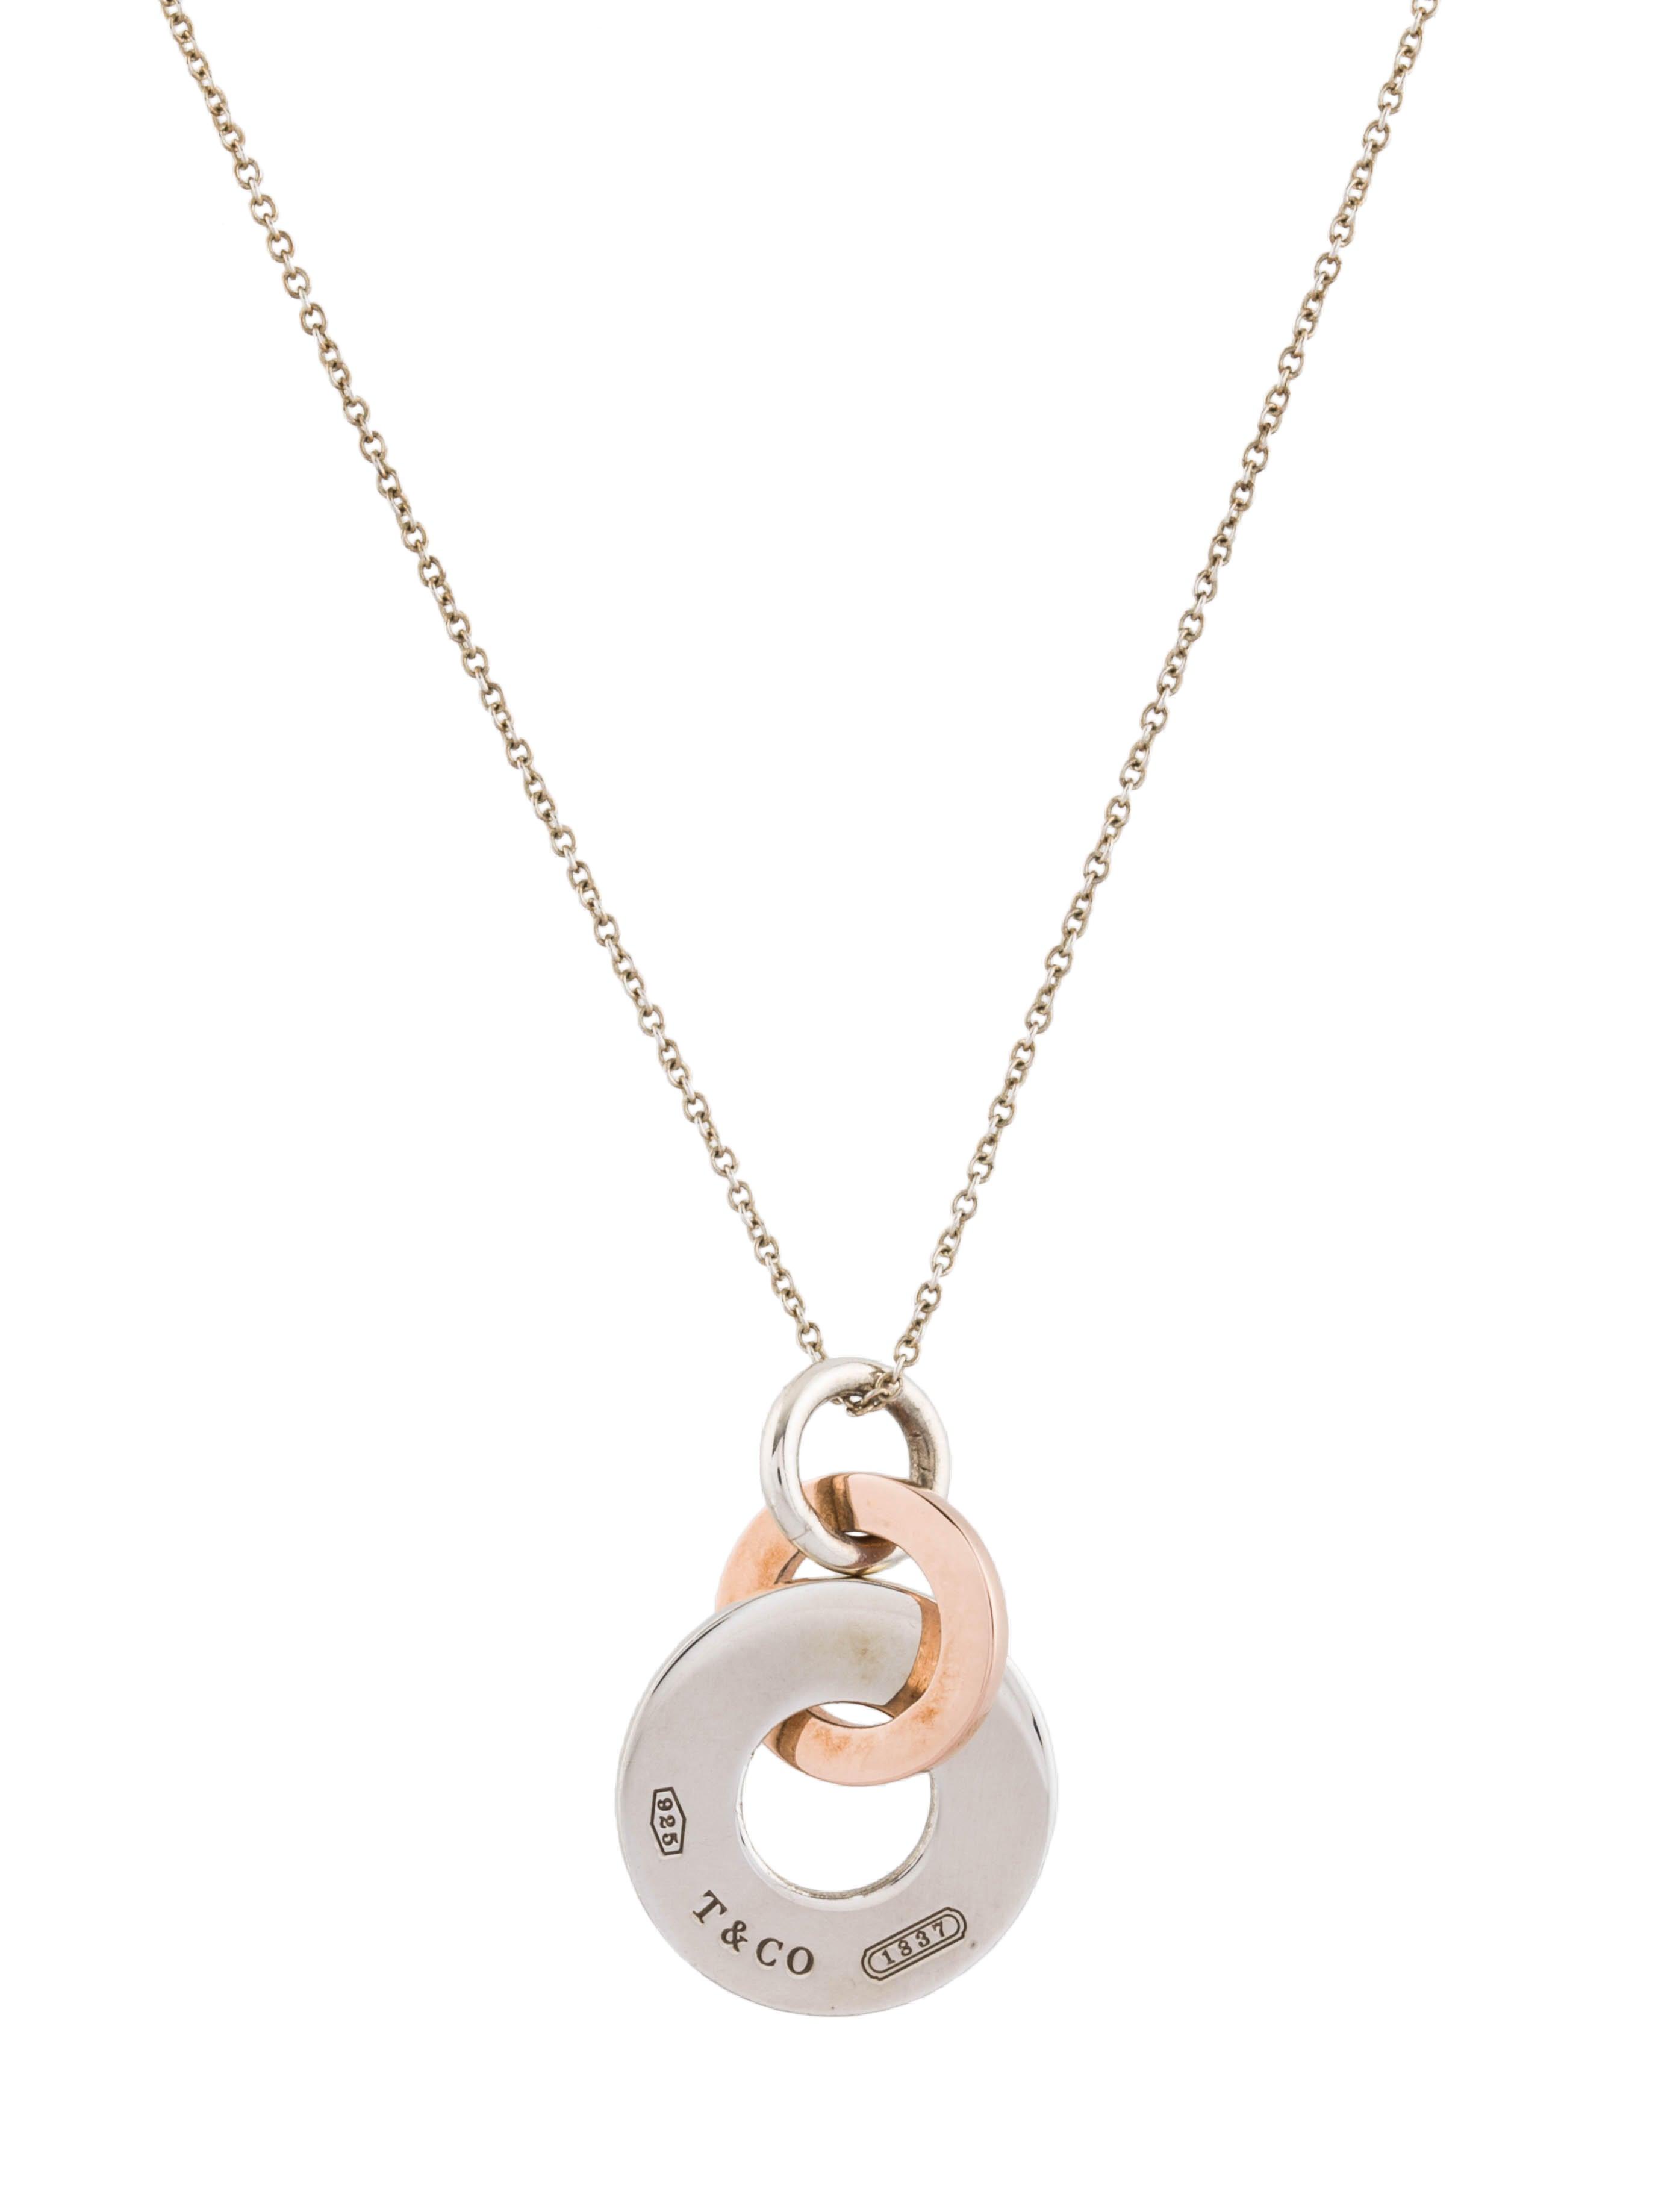 6e14f2ccf Tiffany & Co. 1837 Double Interlocking Drop Pendant Necklace ...